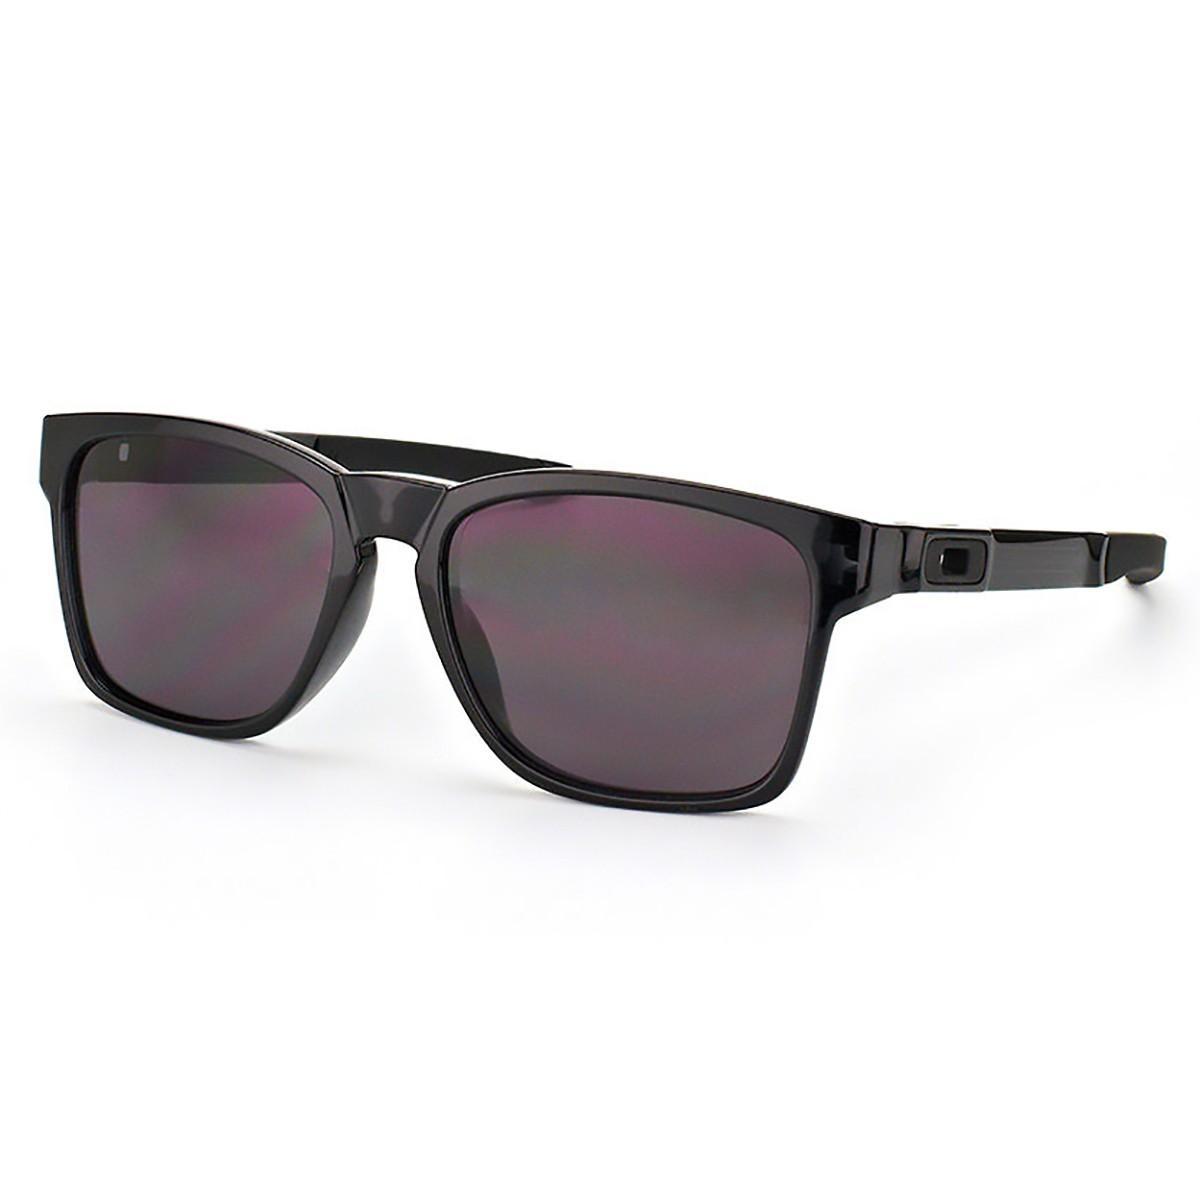 Compre Óculos de Sol Oakley Catalyst em 10X   Tri-Jóia Shop 97db3c419a